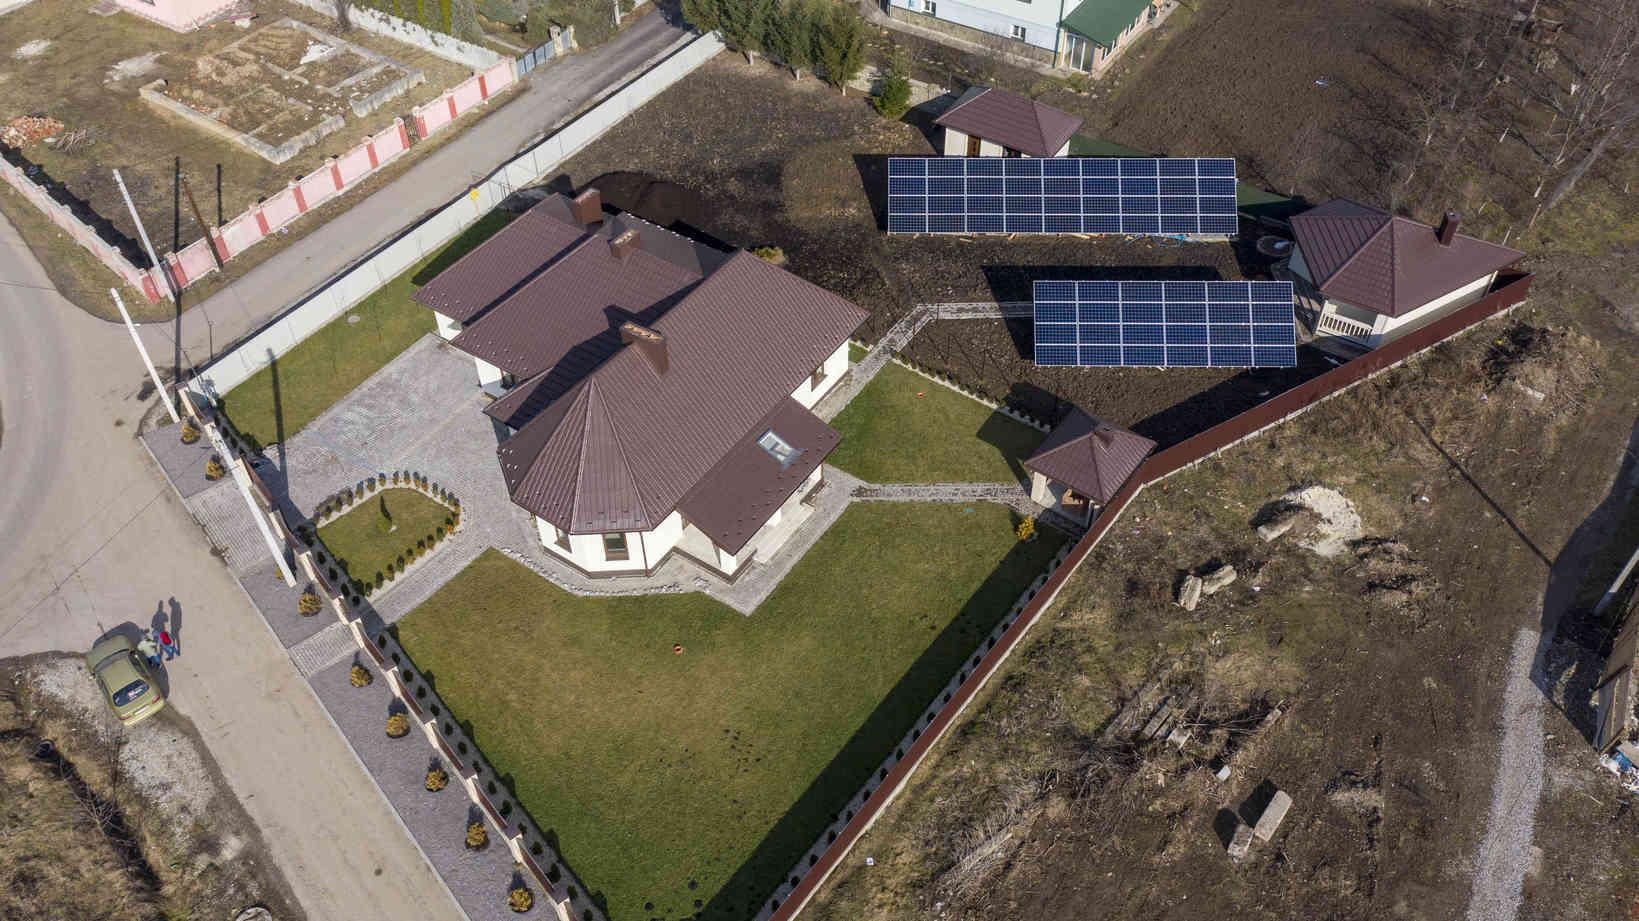 Мережева сонячна електростанція (СЕС) потужністю 20,7 кВт – Фотозвіт #3